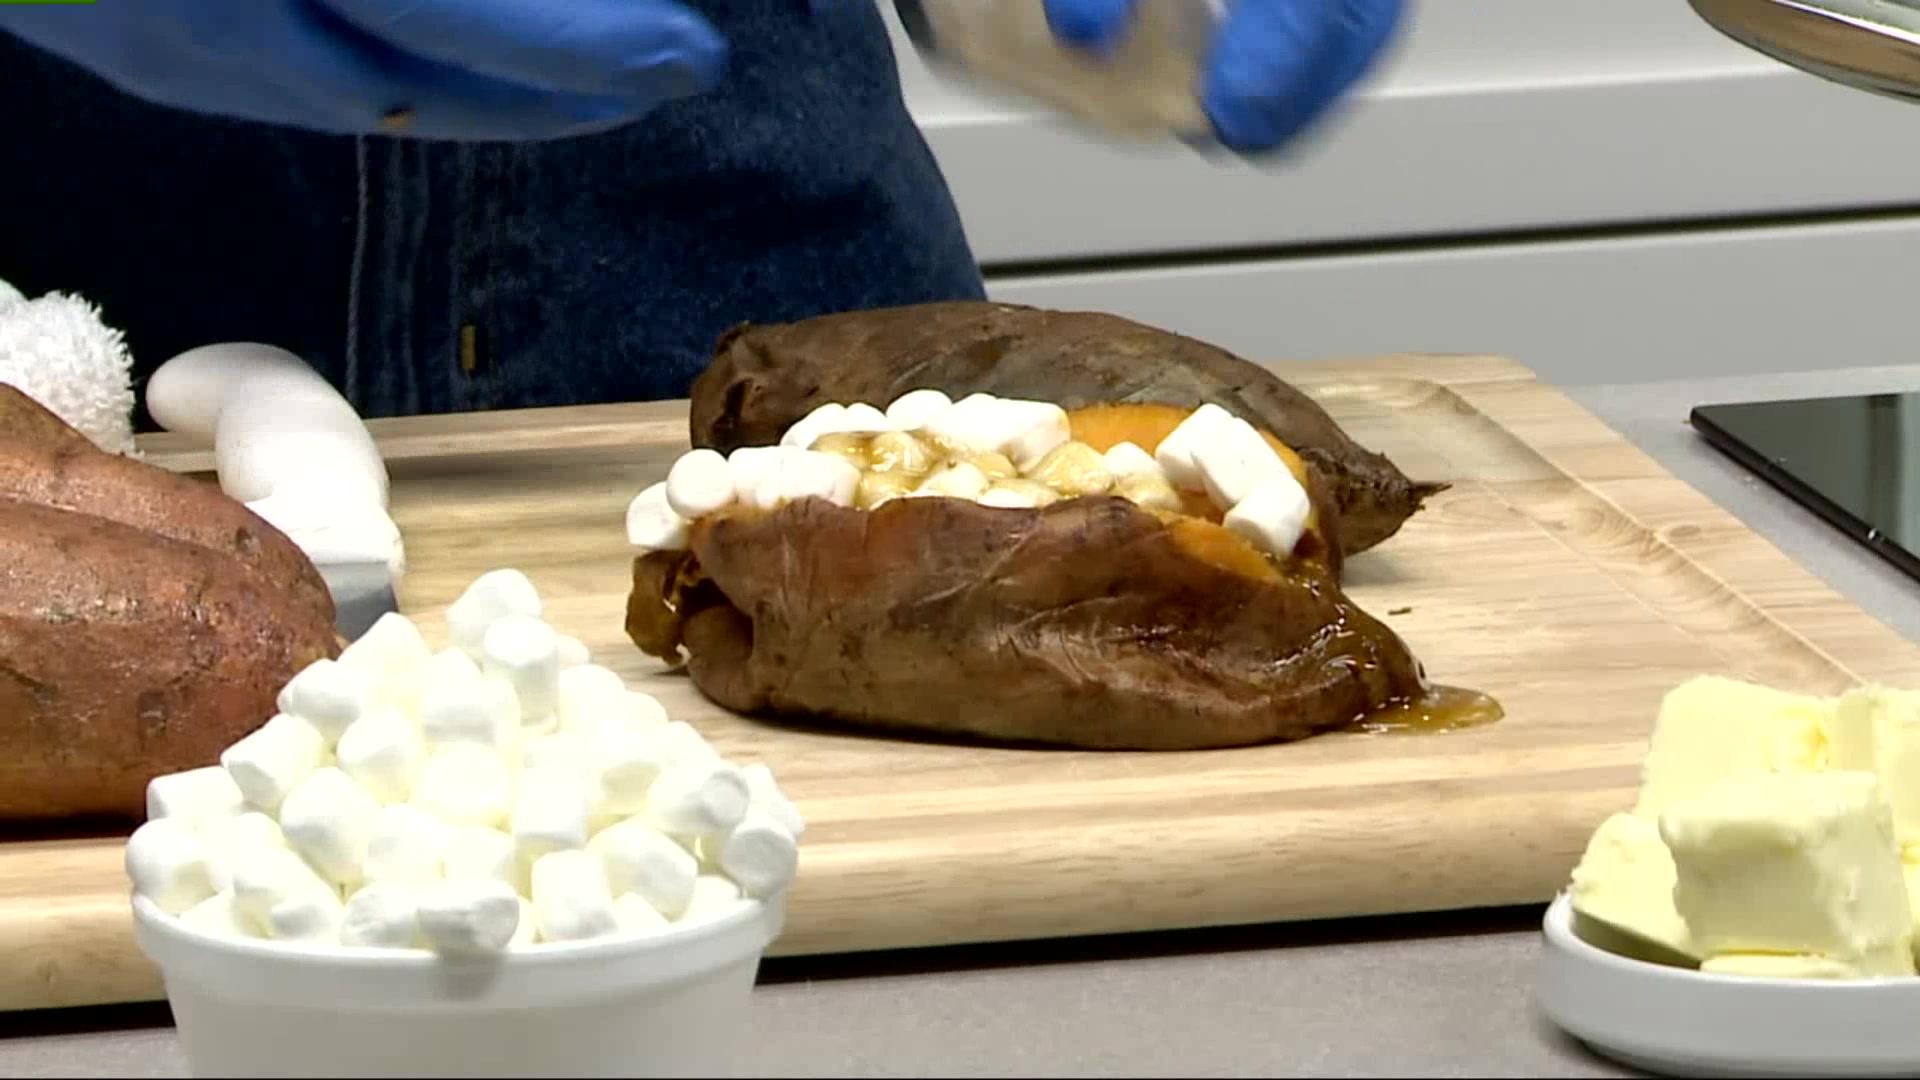 How To Make Stuffed Sweet Potatoes